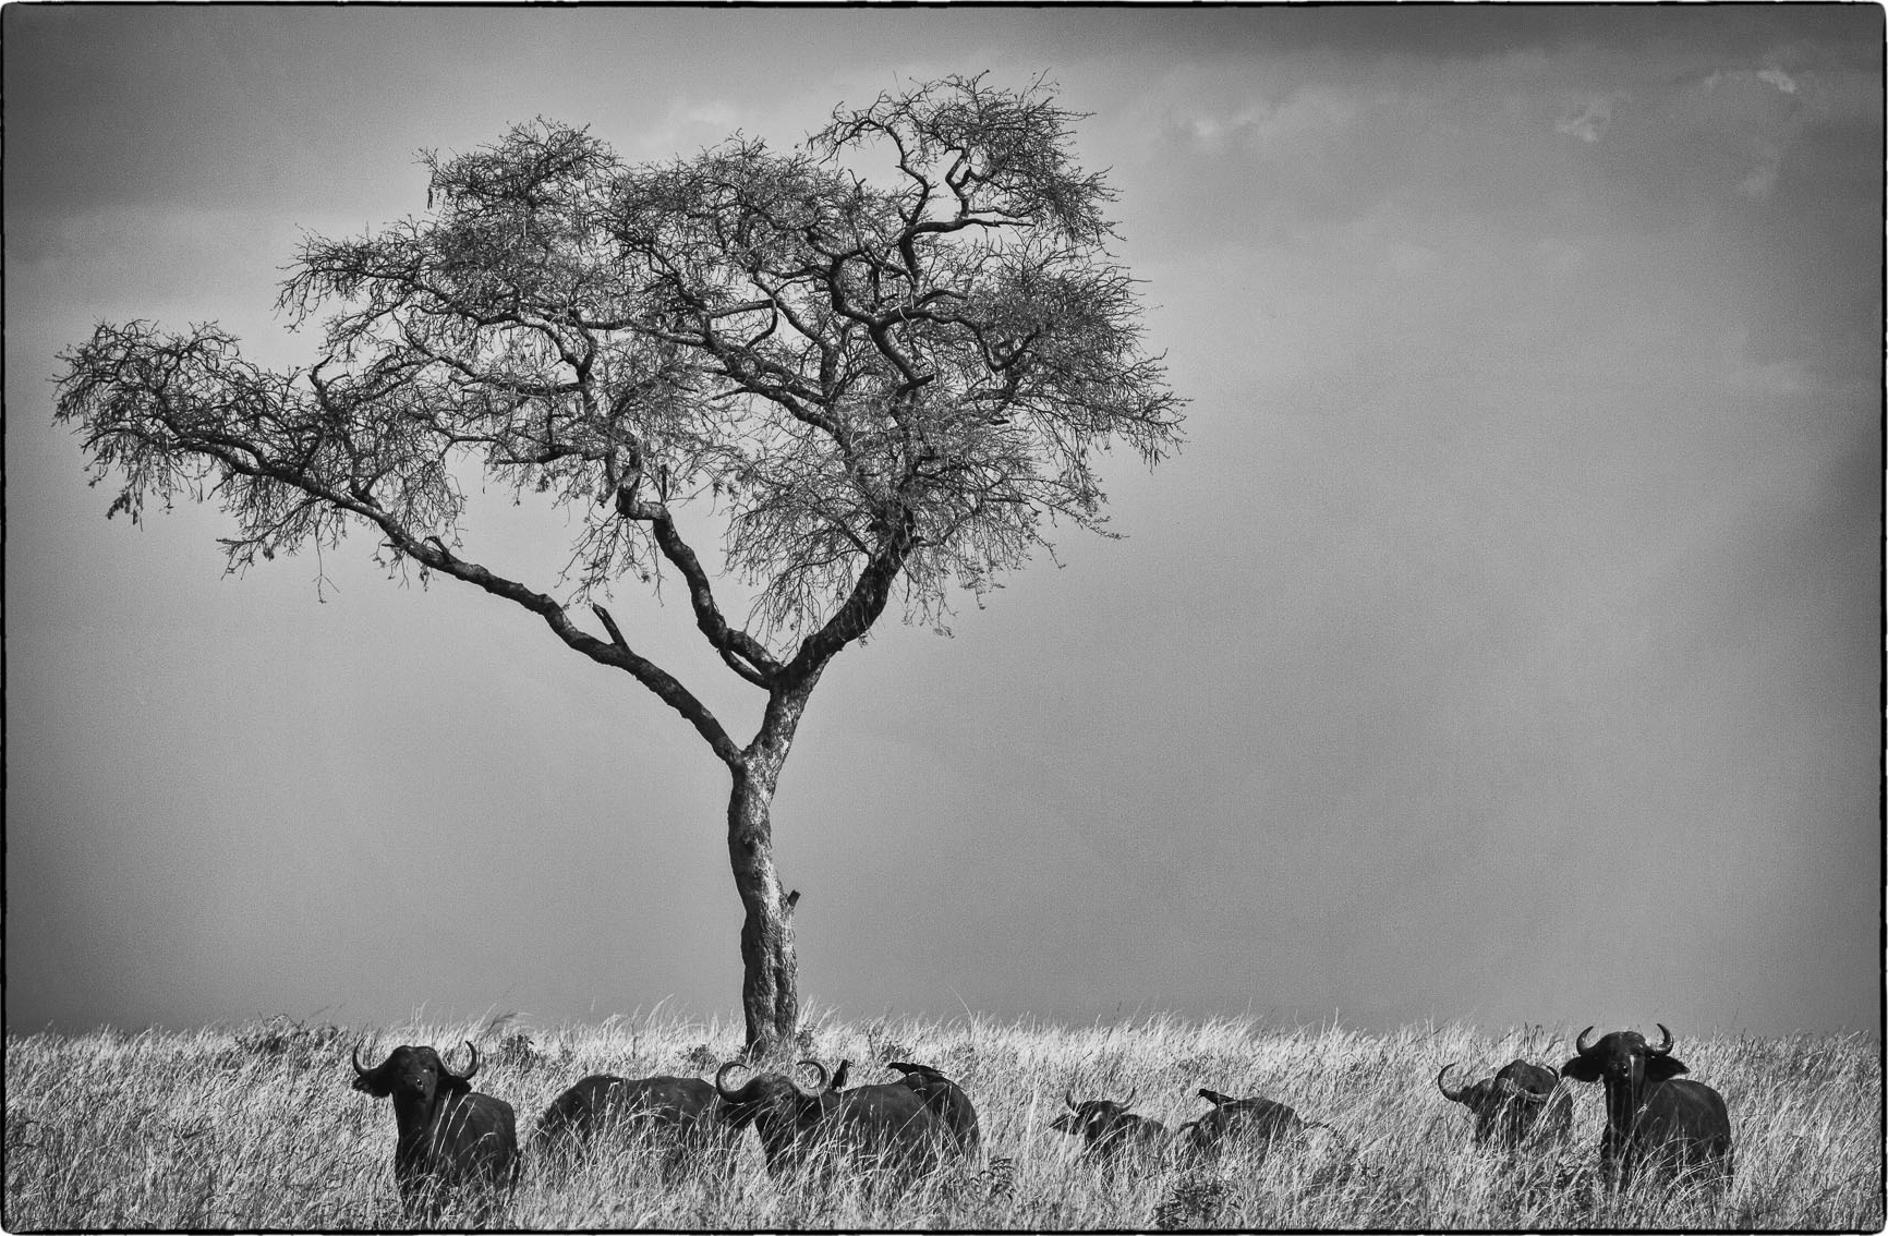 Cory-Richards-Photographer-UGANDA-5.jpg